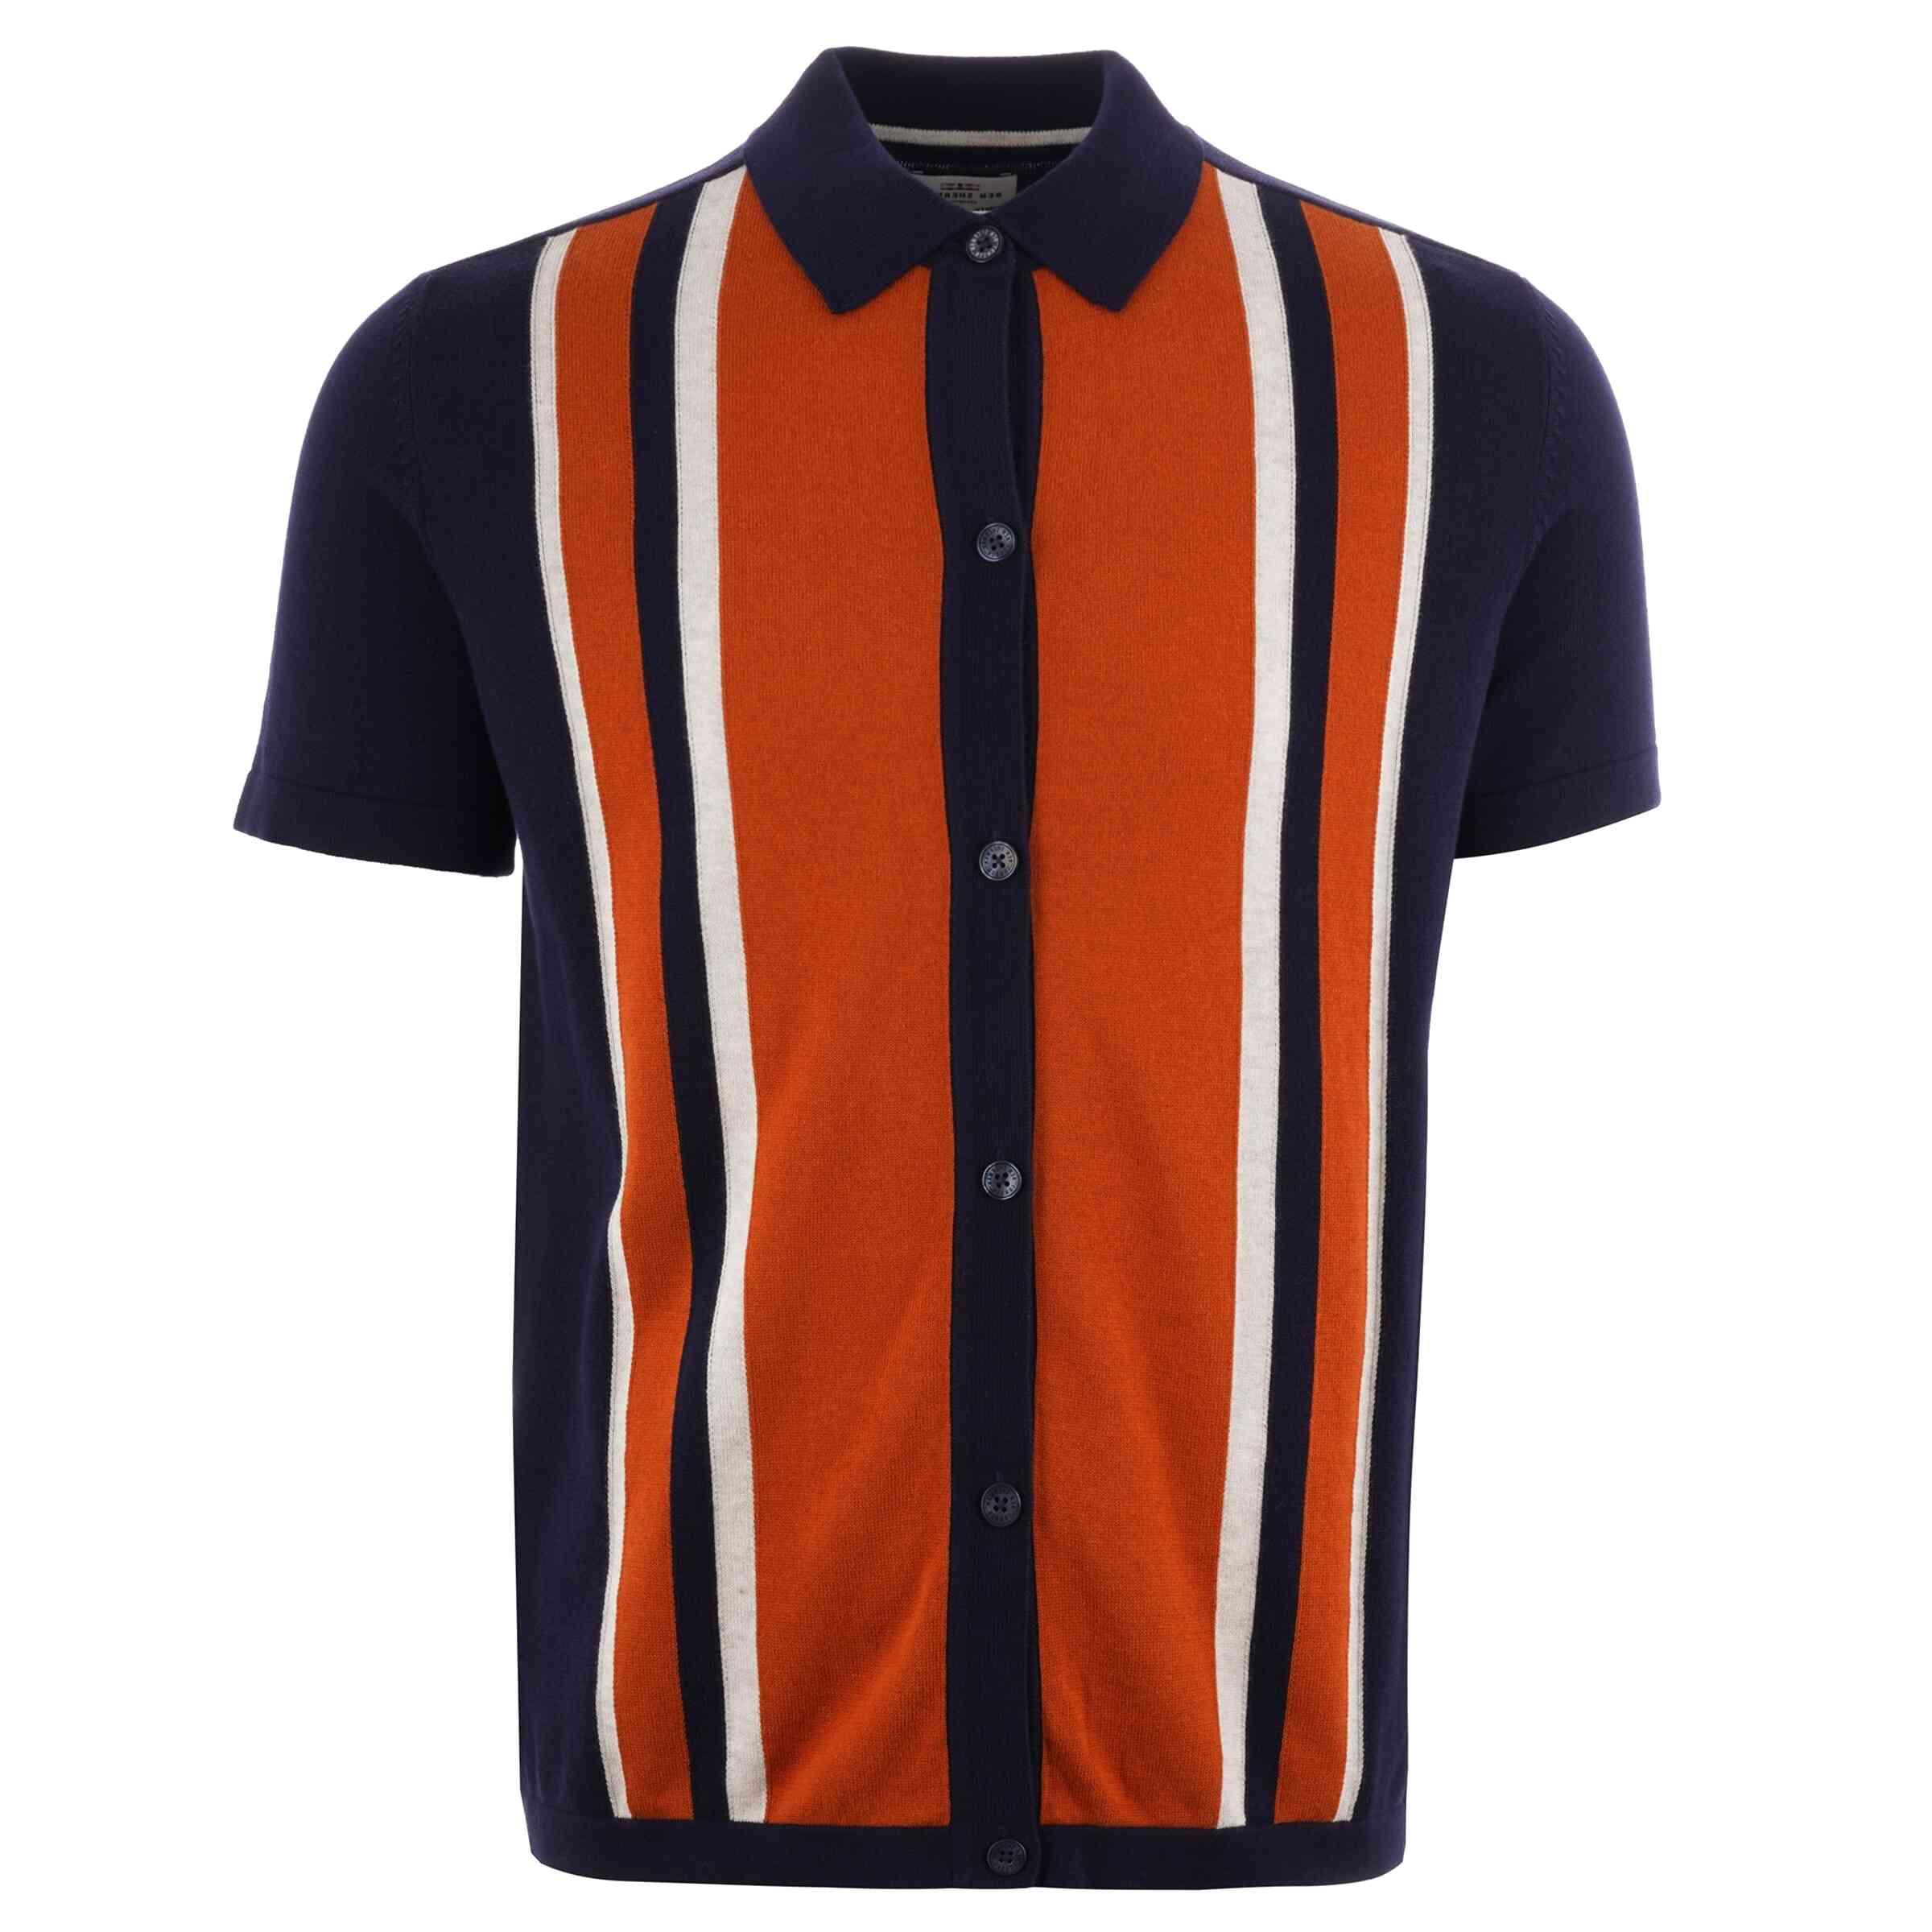 mod polo shirts for sale